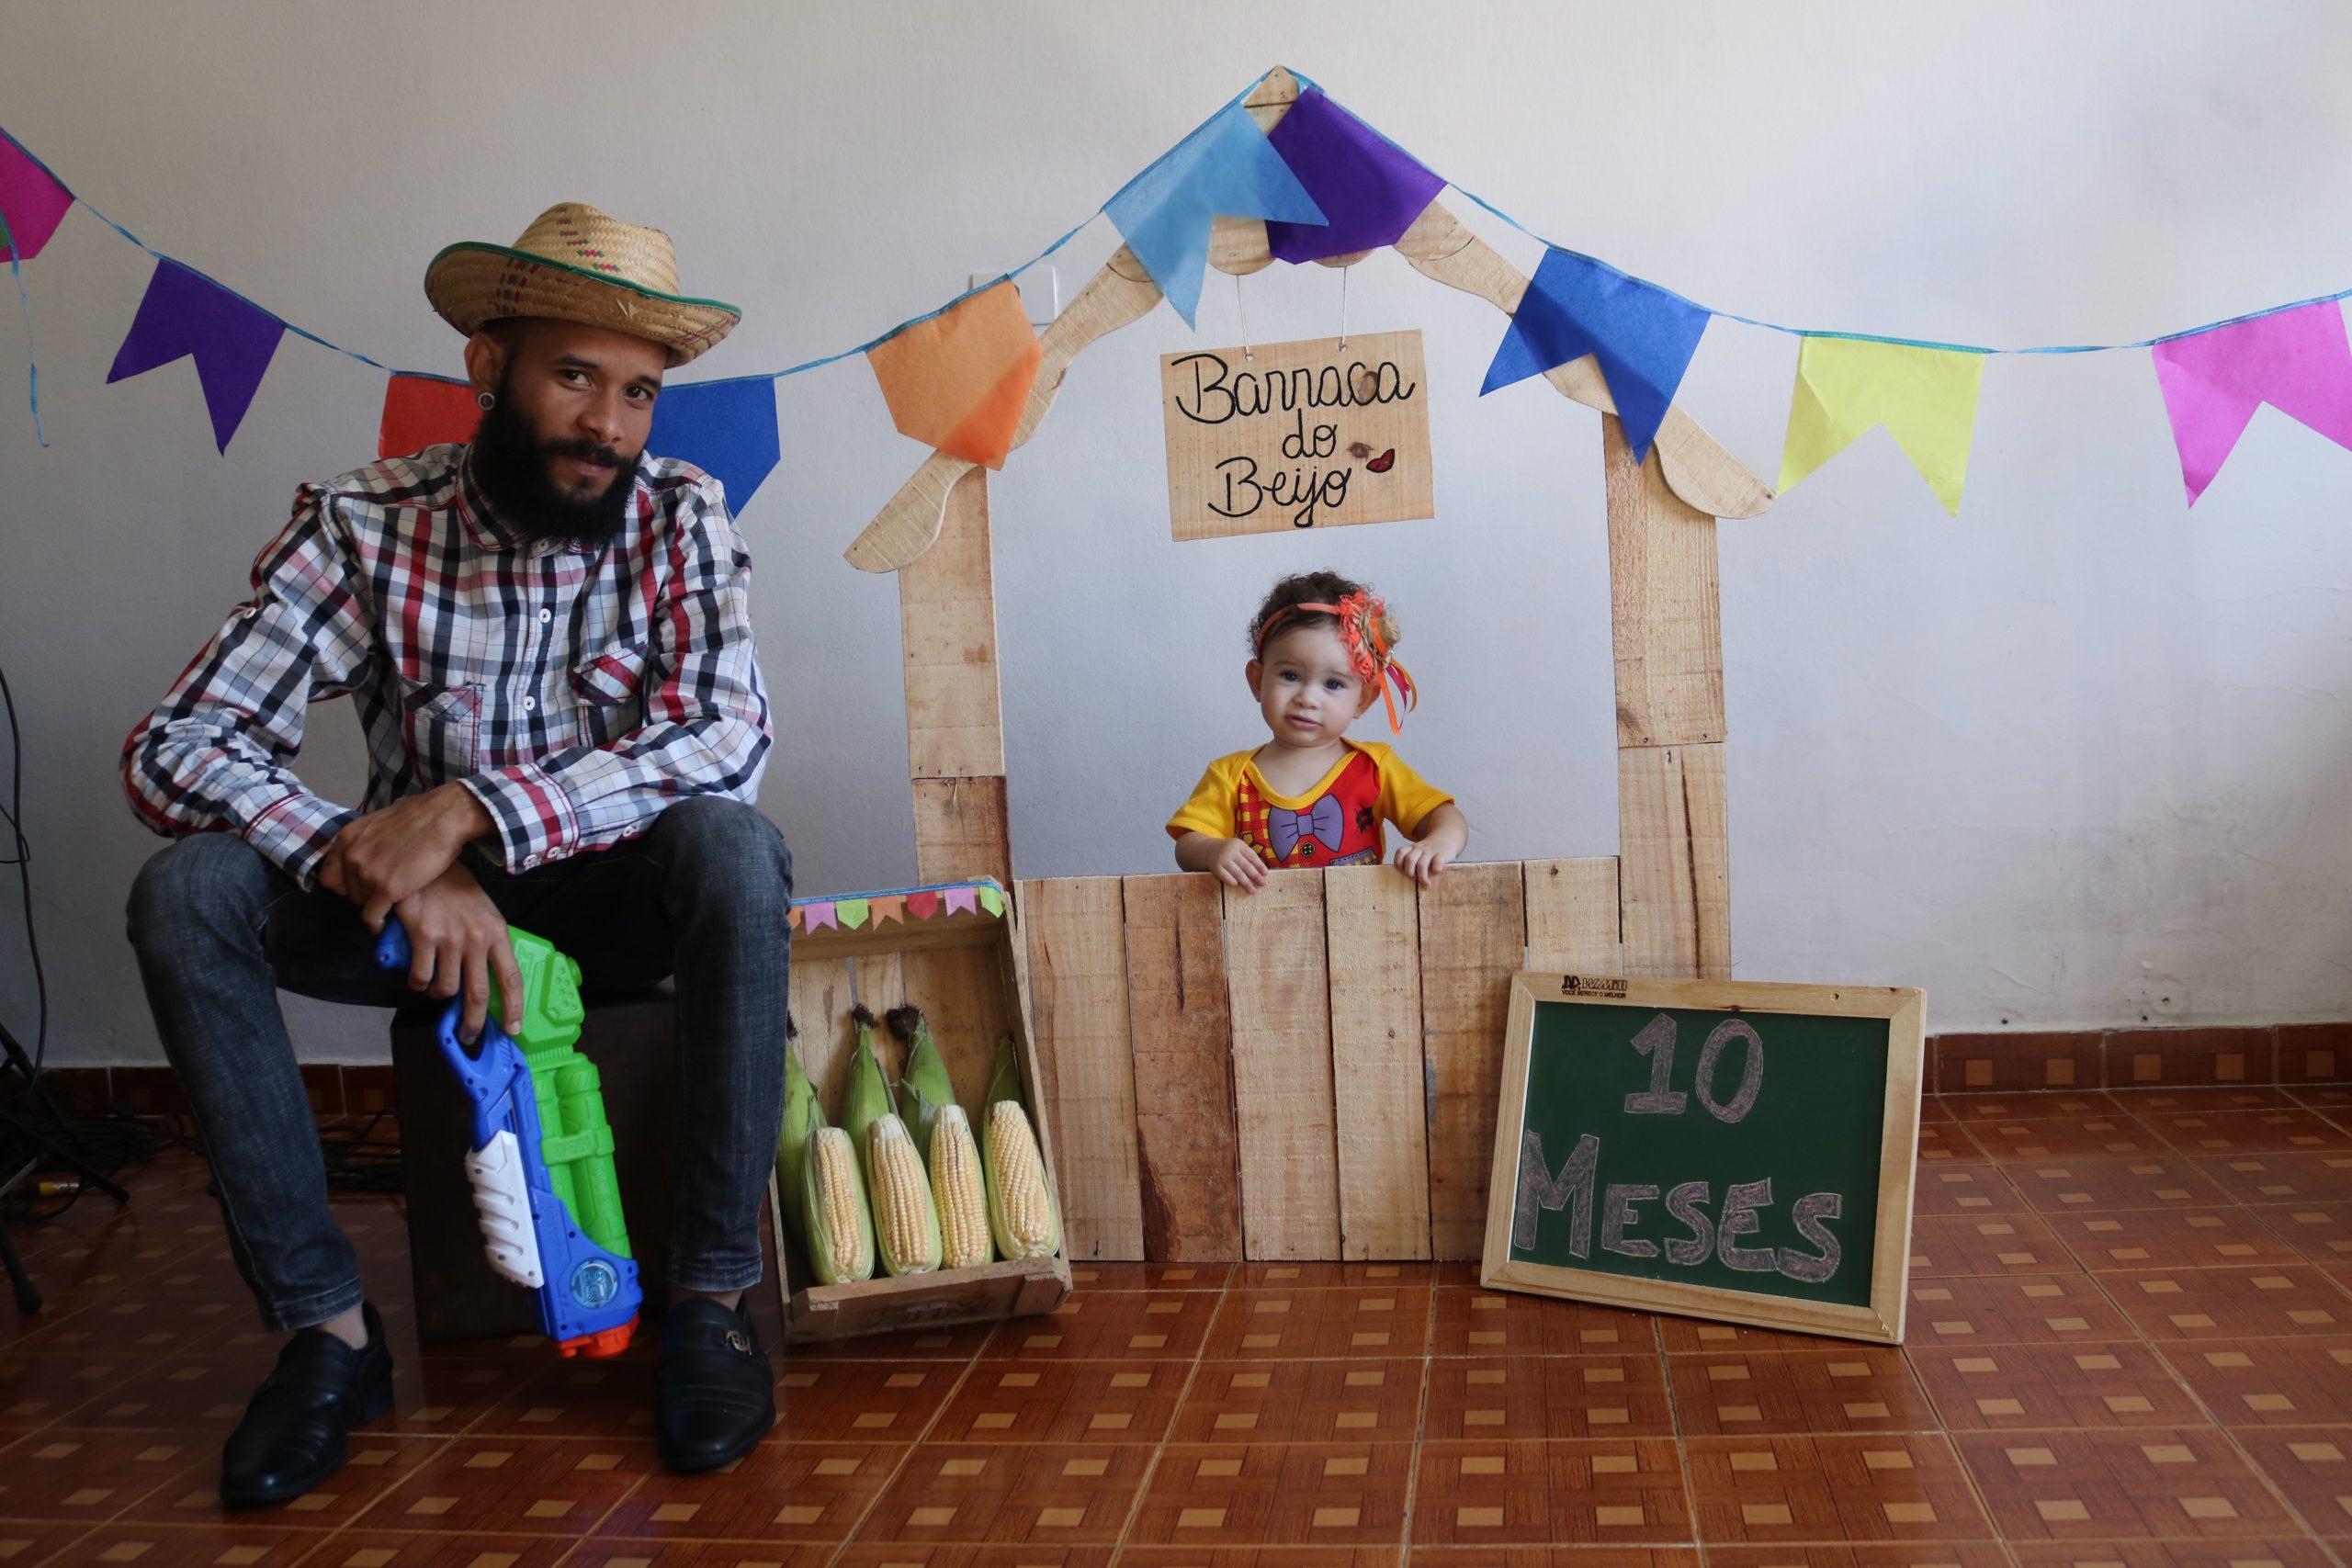 Secretaria de Cultura dá dicas de presentes e passeios para o Dia dos Pais